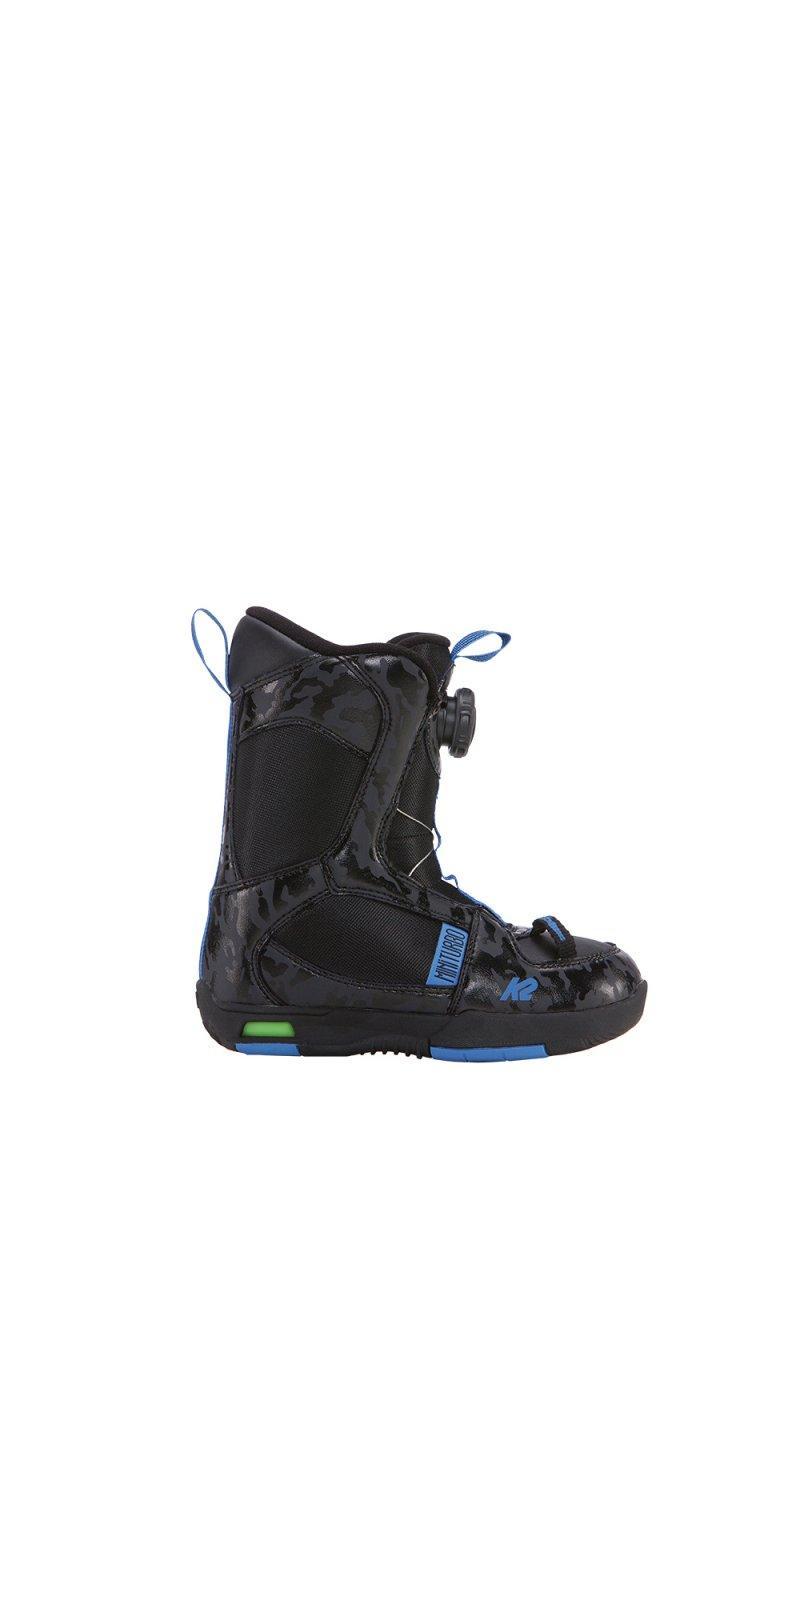 2019 K2 Mini Turbo Snowboard Boots